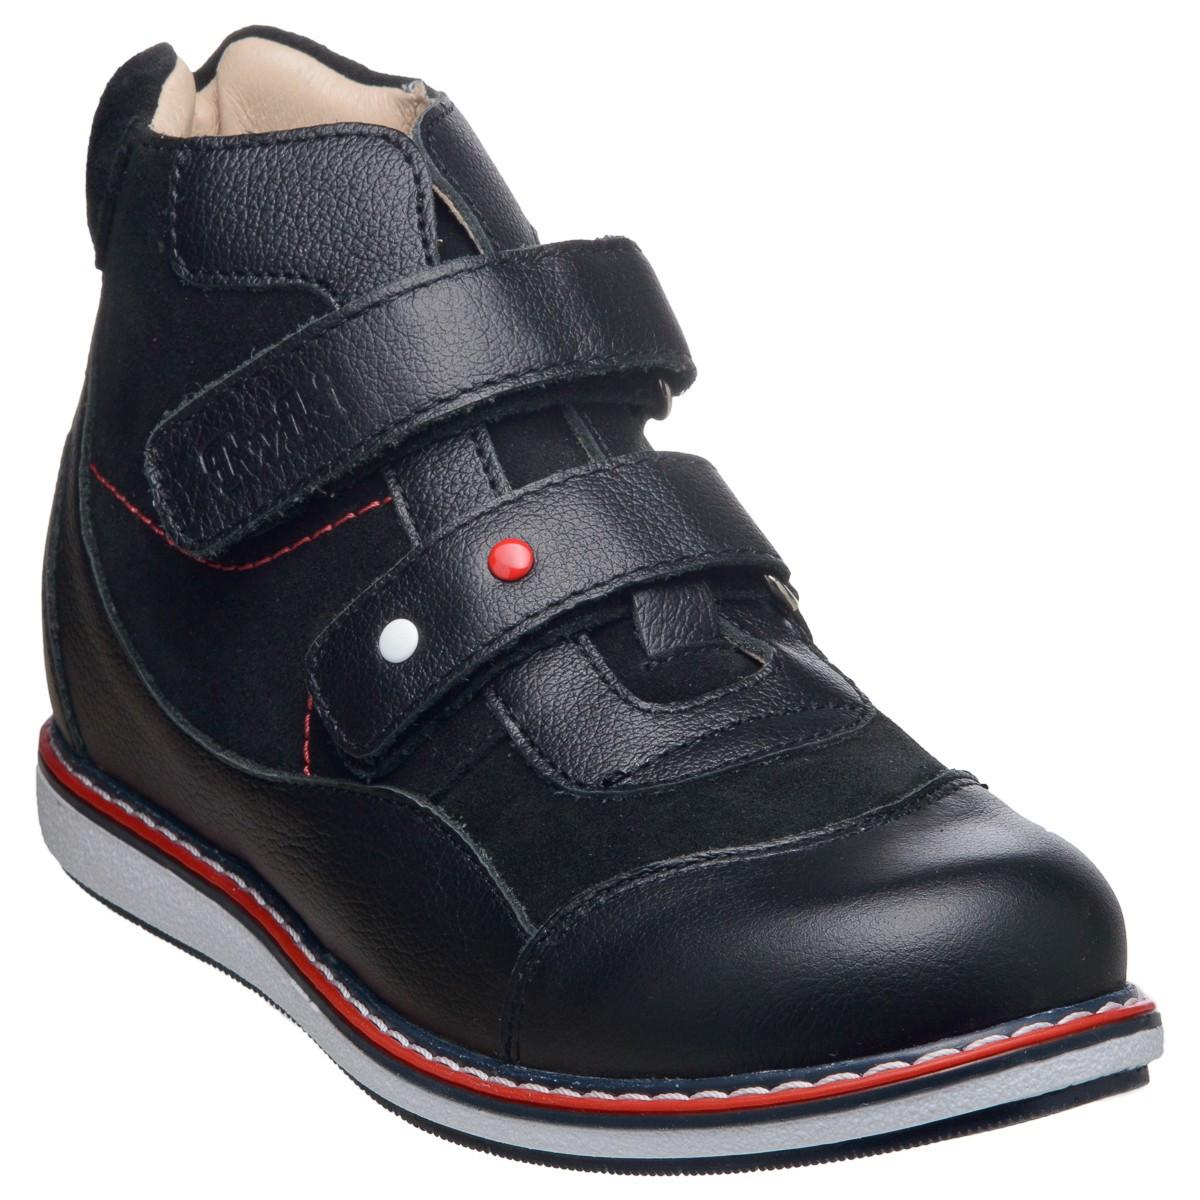 Ботинки детские ортопедические 431, Twiki